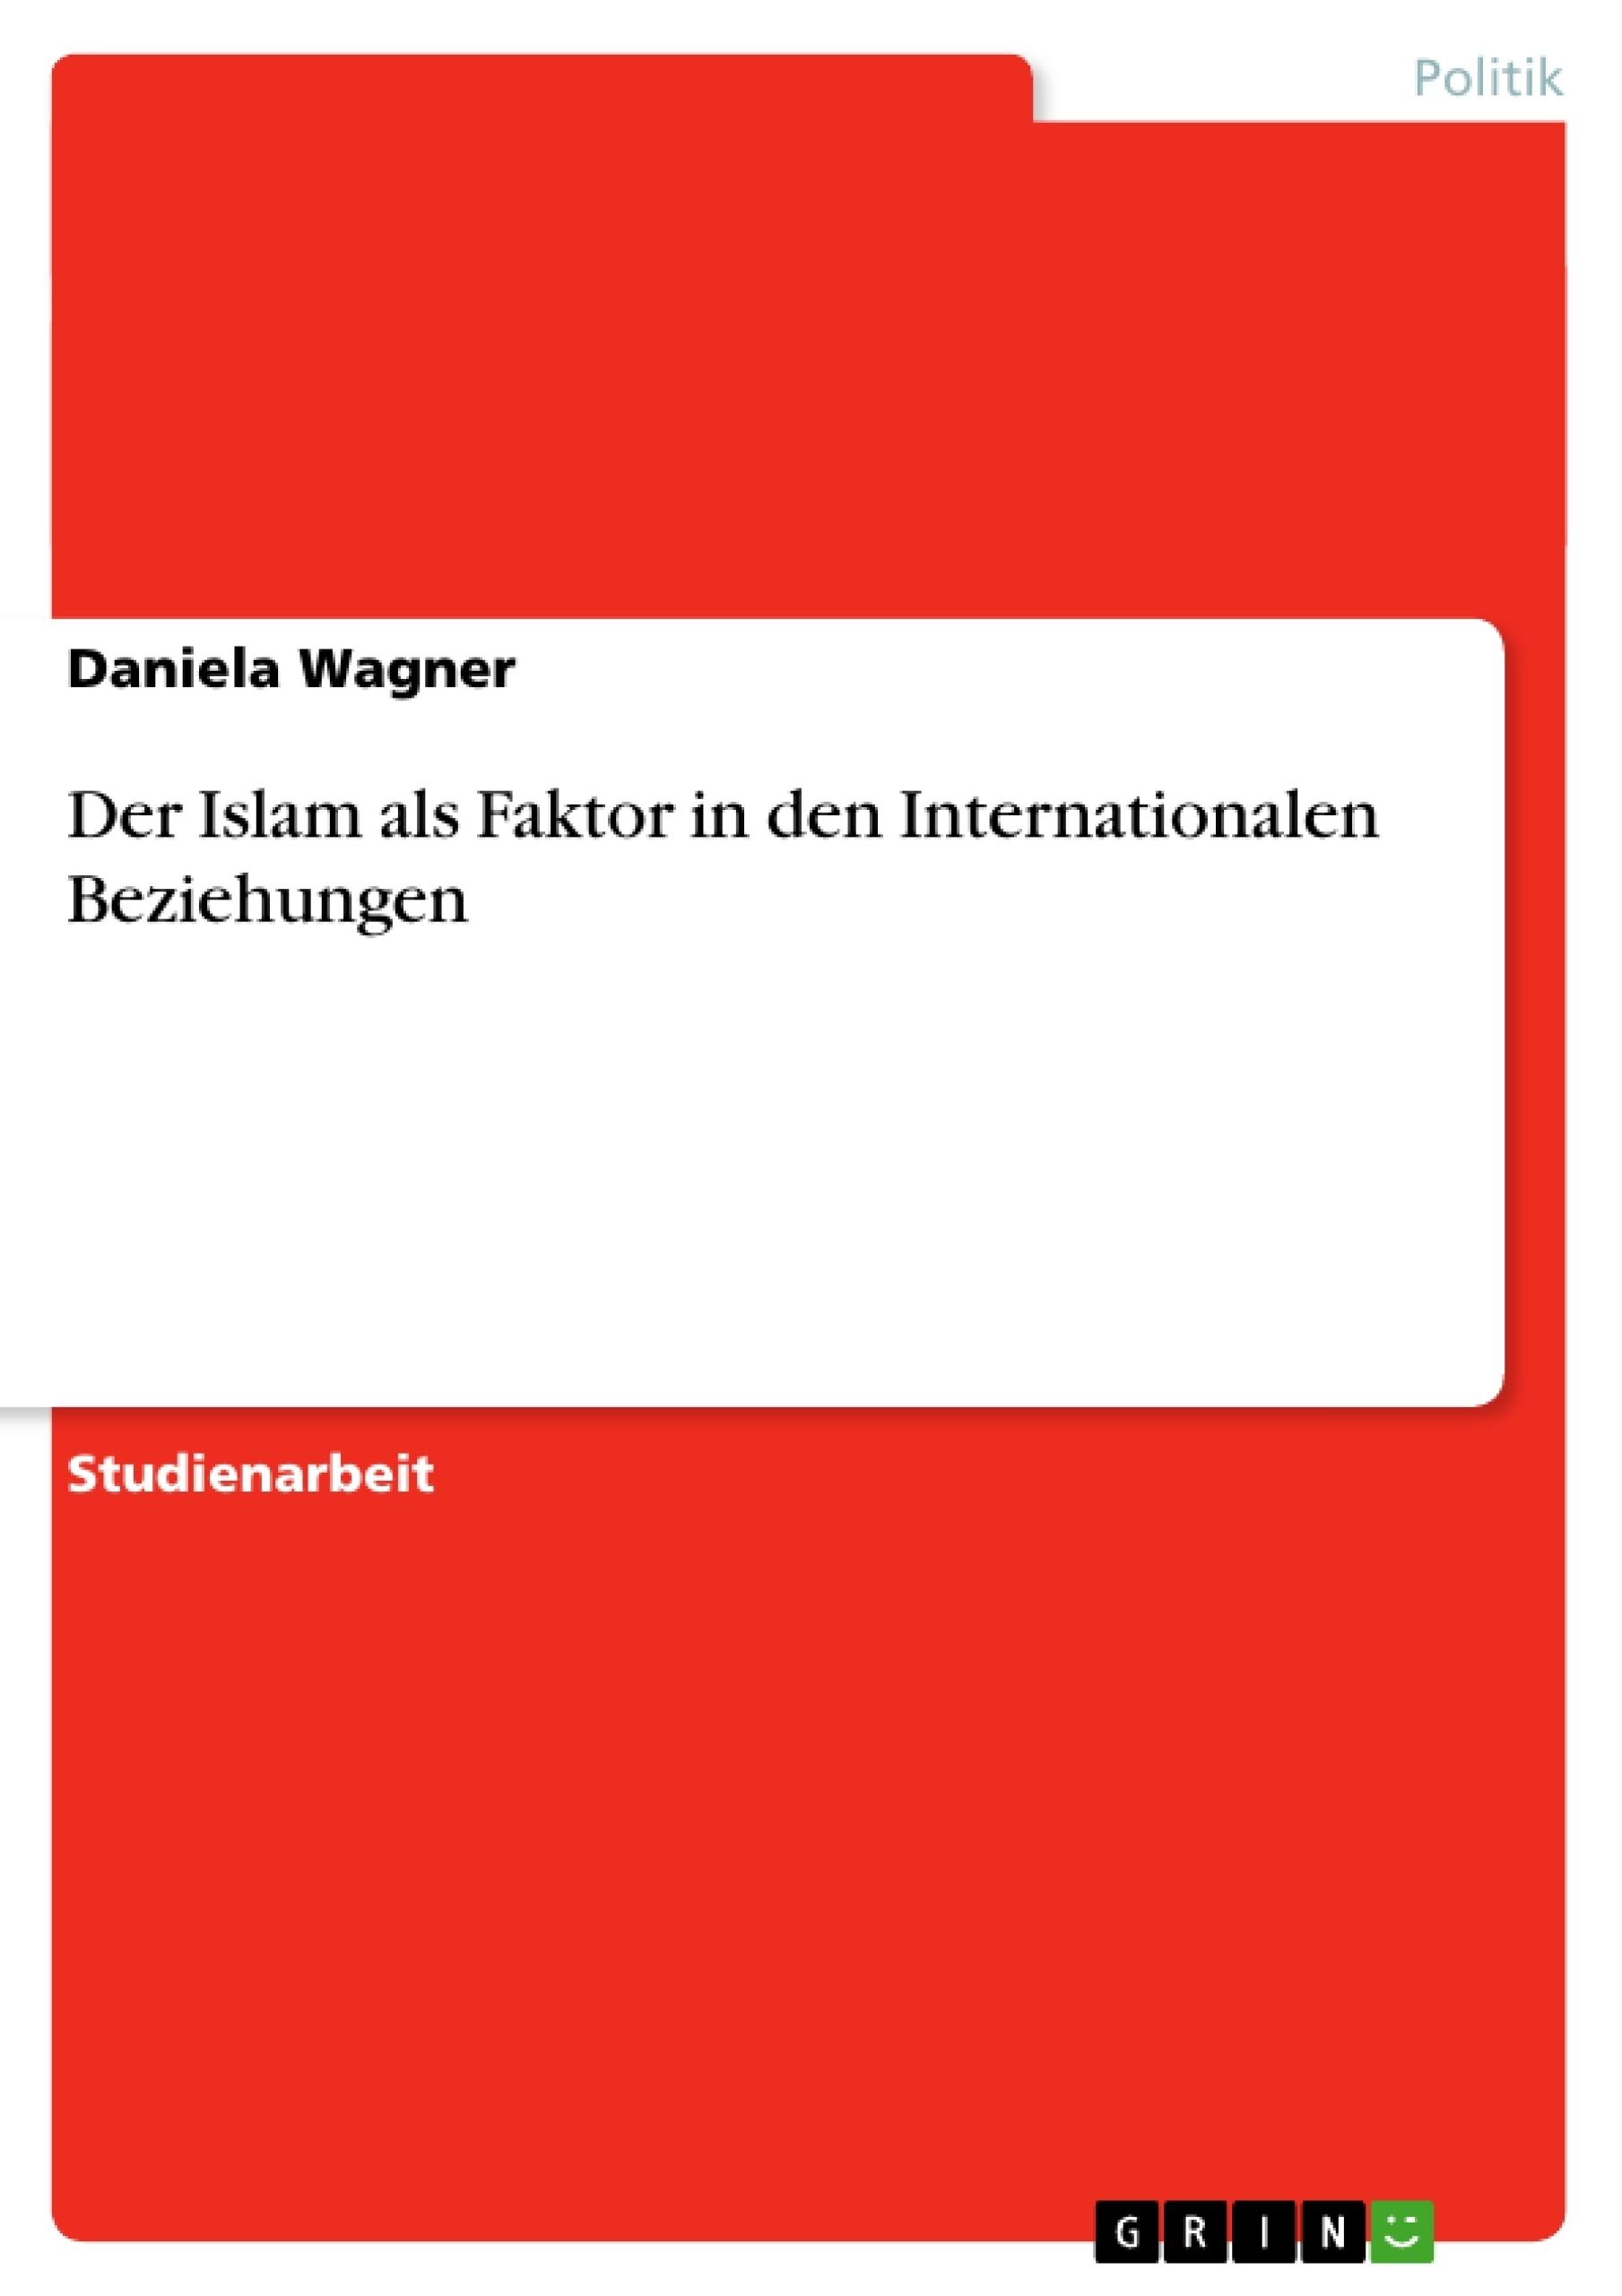 Titel: Der Islam als Faktor in den Internationalen Beziehungen